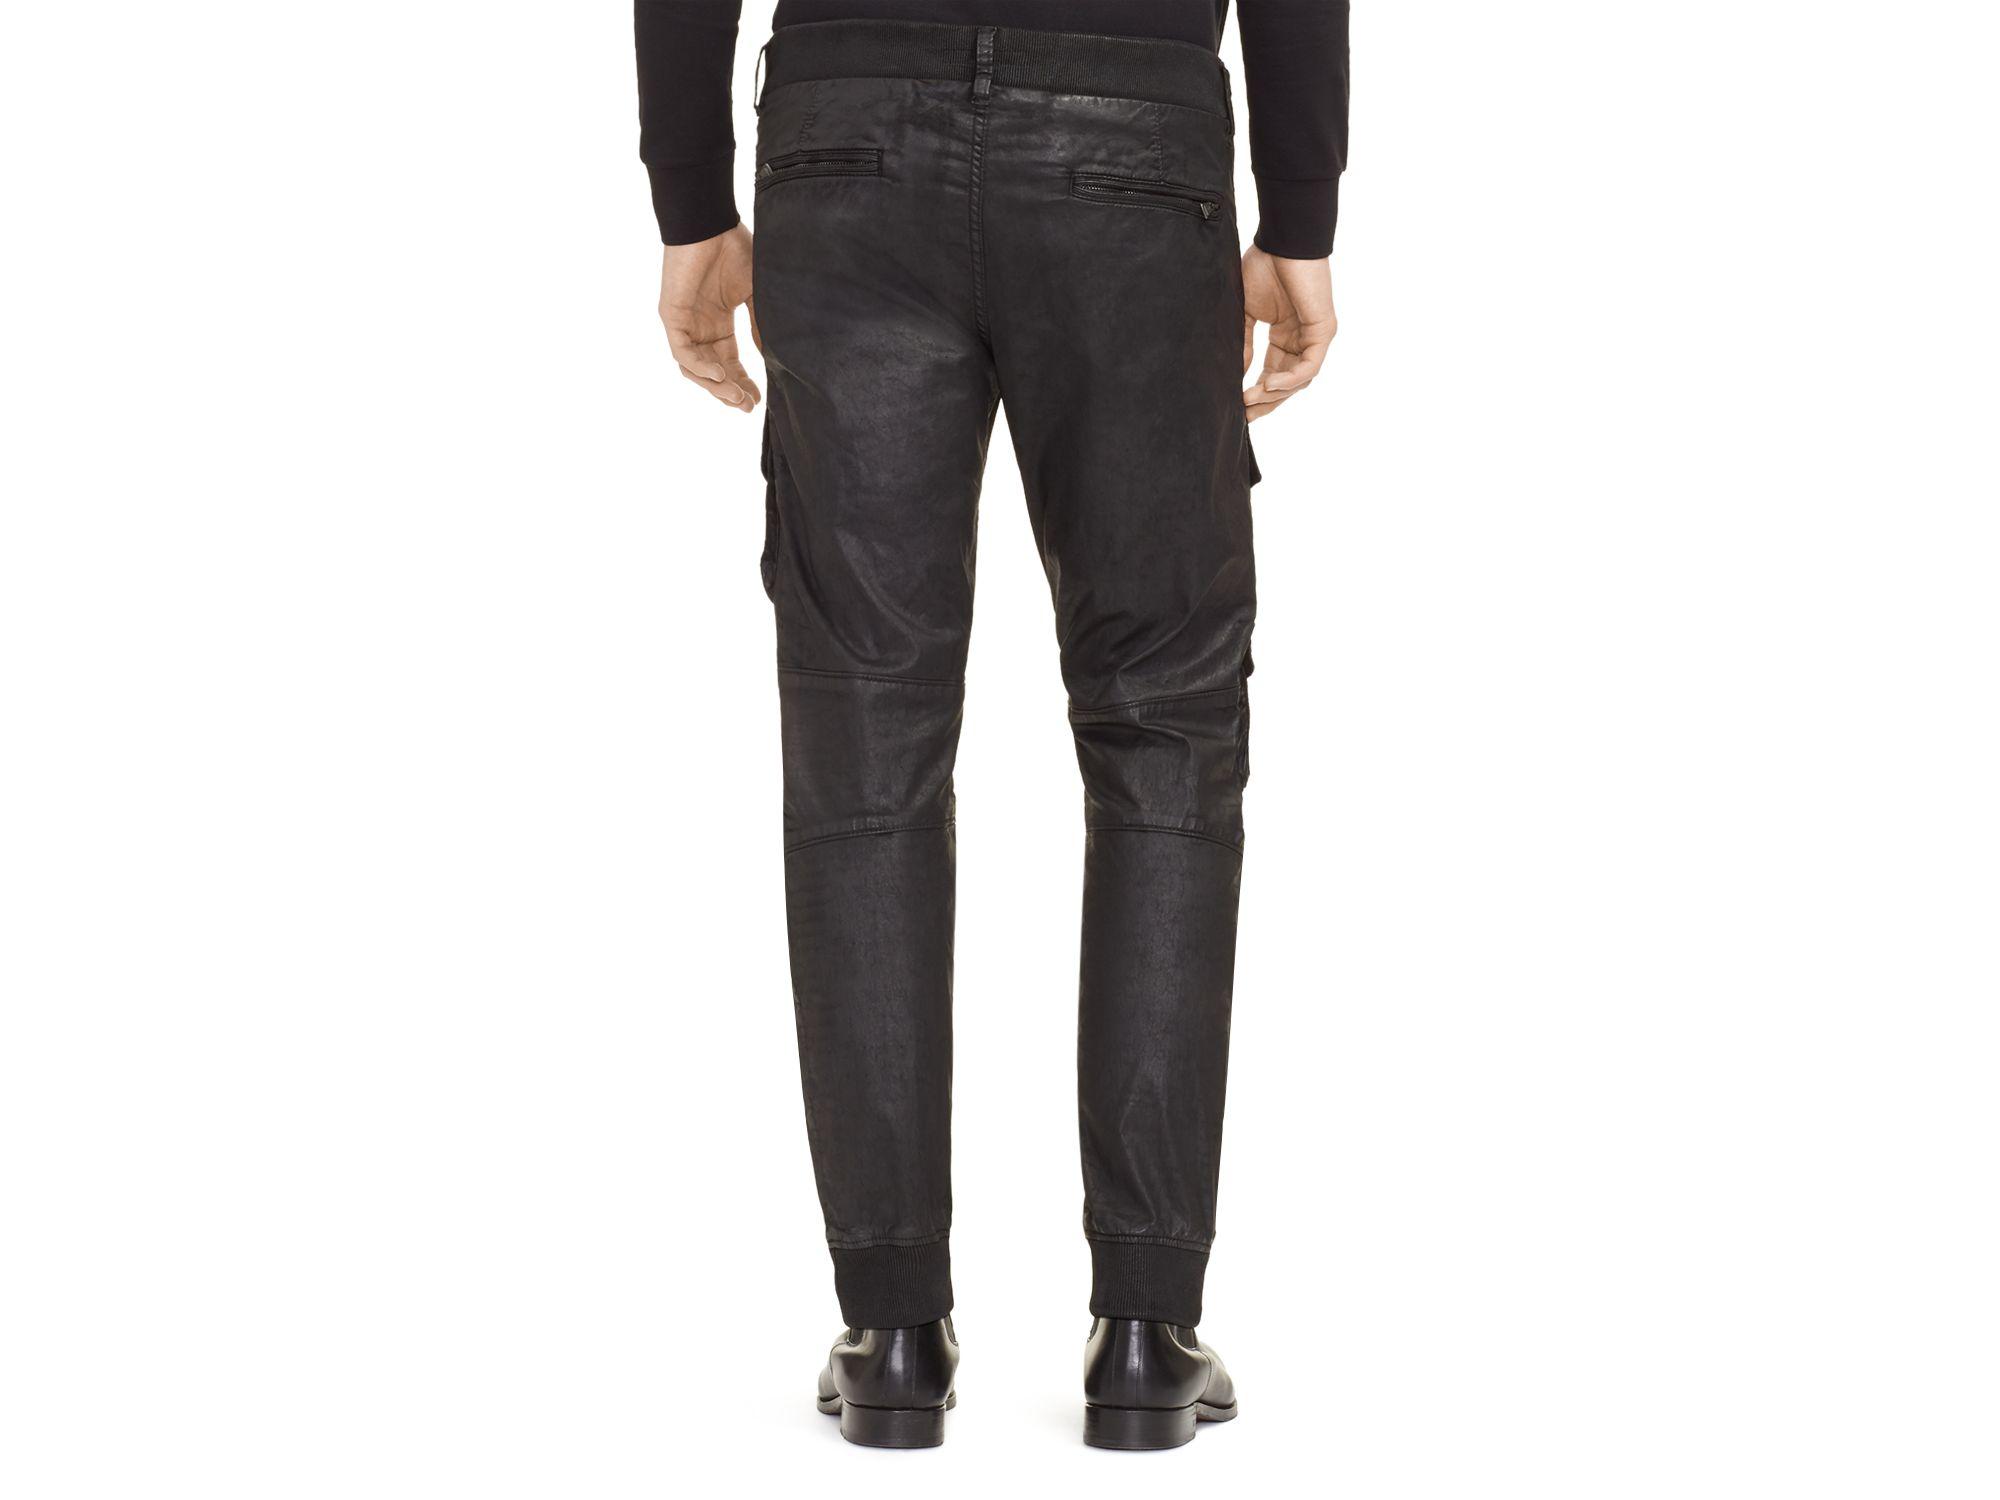 ralph lauren black label cargo slim fit jogger pants in black for men. Black Bedroom Furniture Sets. Home Design Ideas